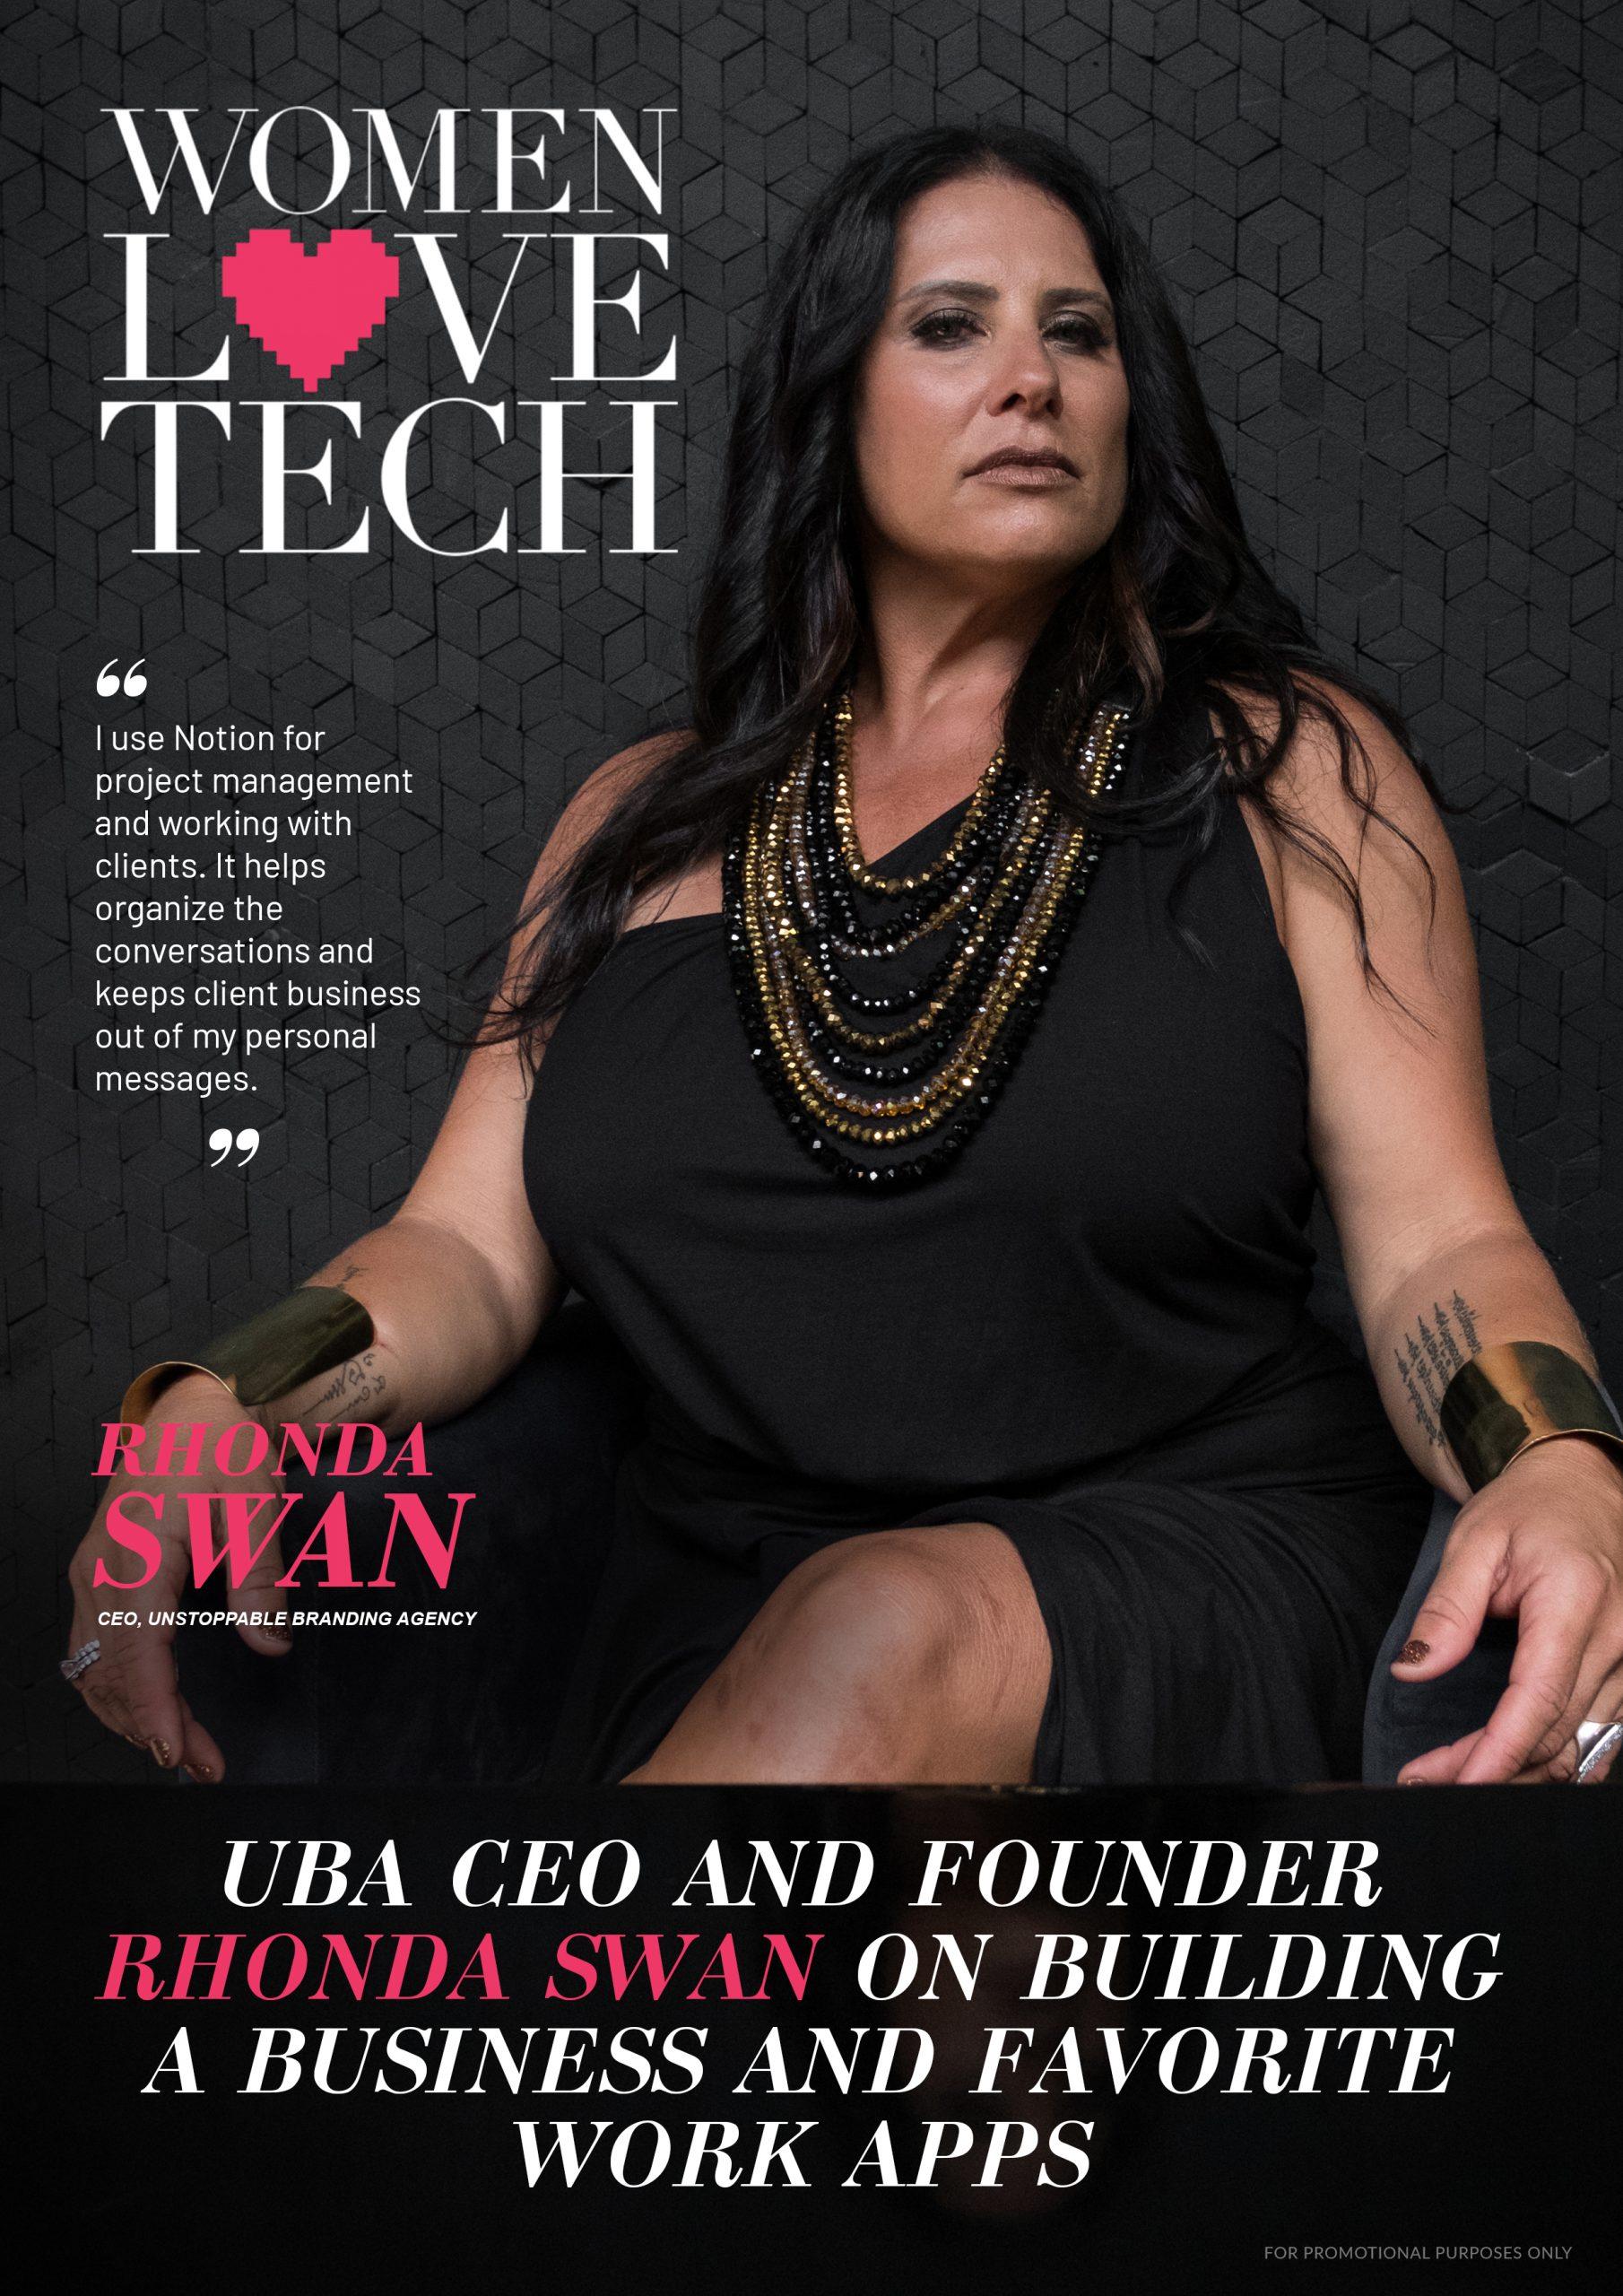 Rhonda Swan (WomenLoveTech Cover)